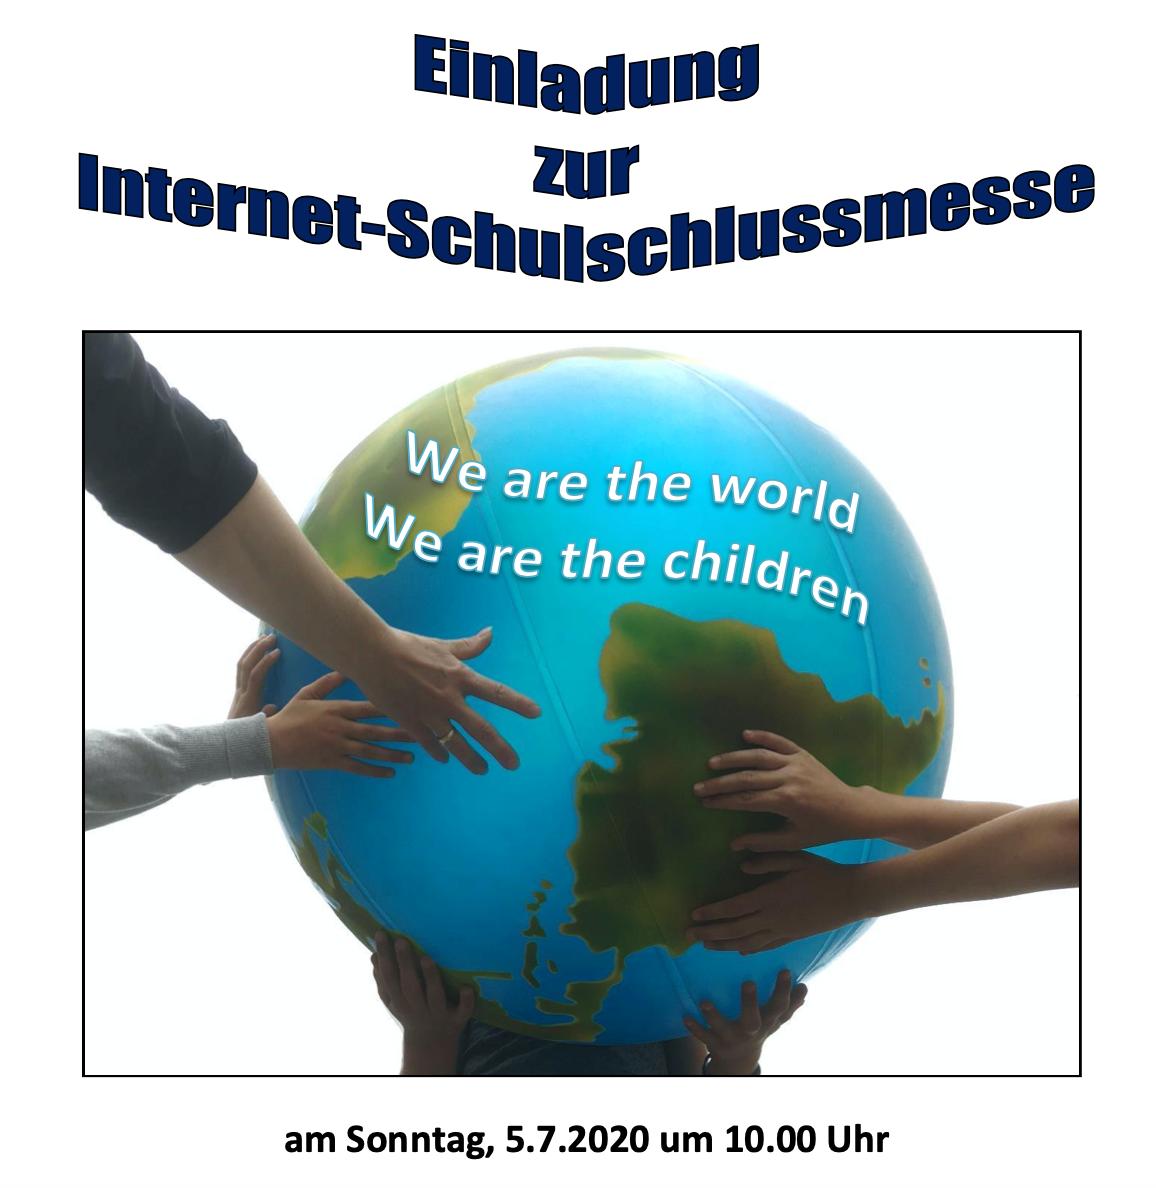 Internet-Schulschlussmesse